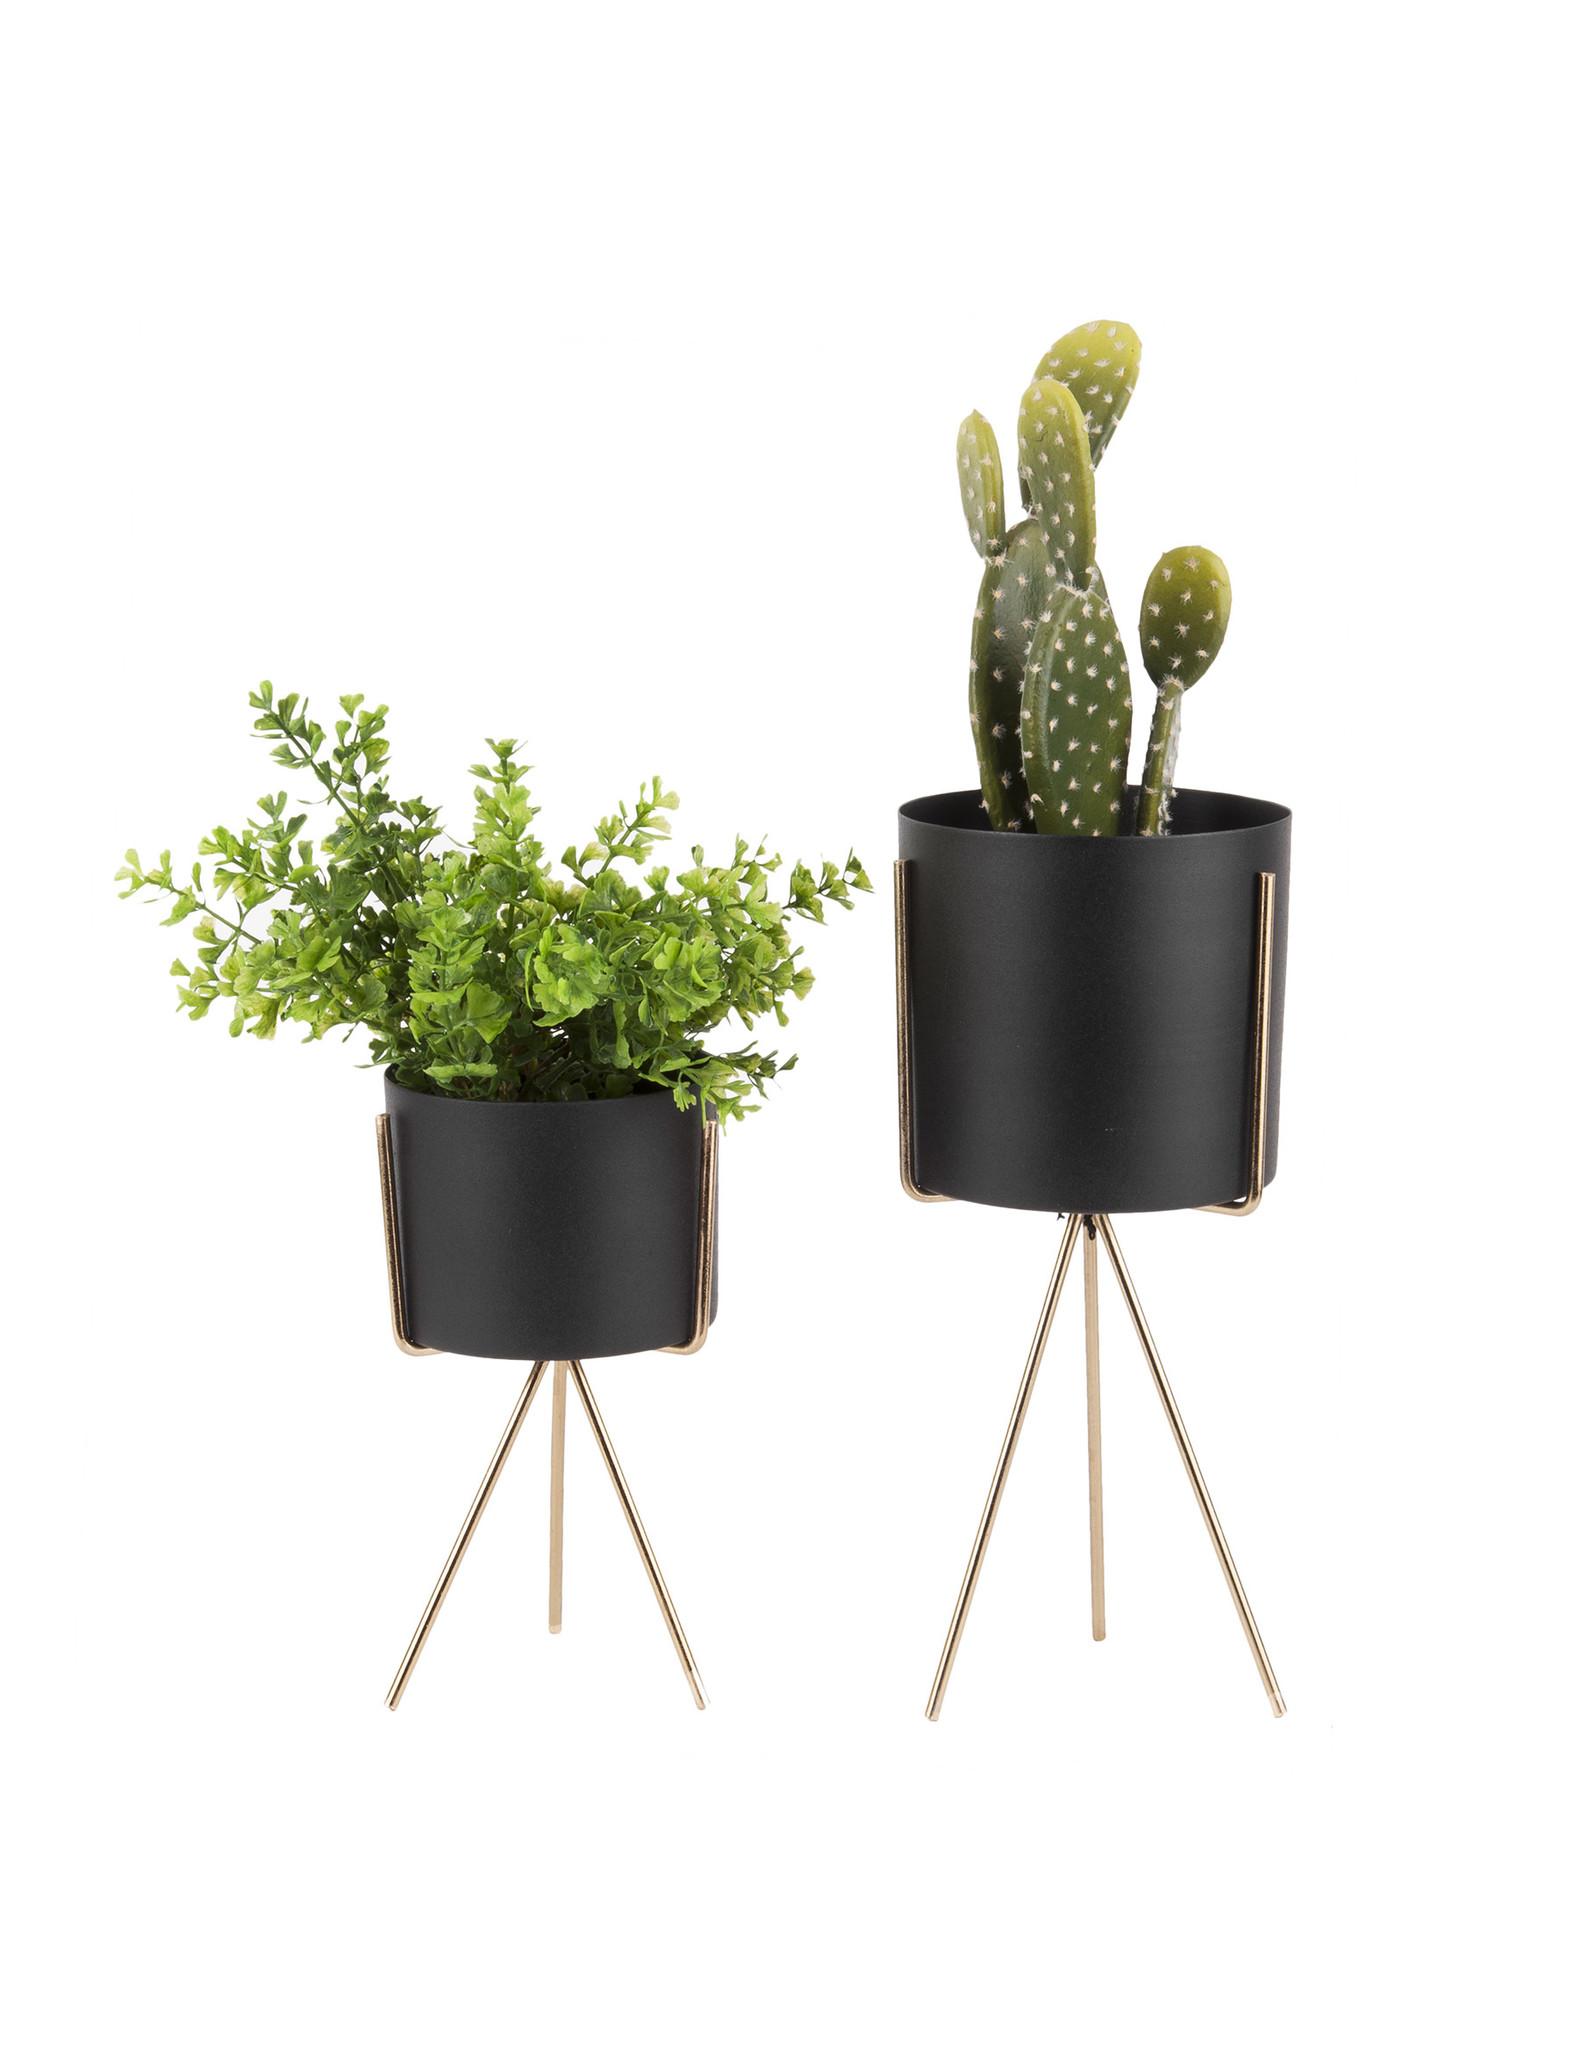 Set van 2 zwarte plantenstaanders - Present Time